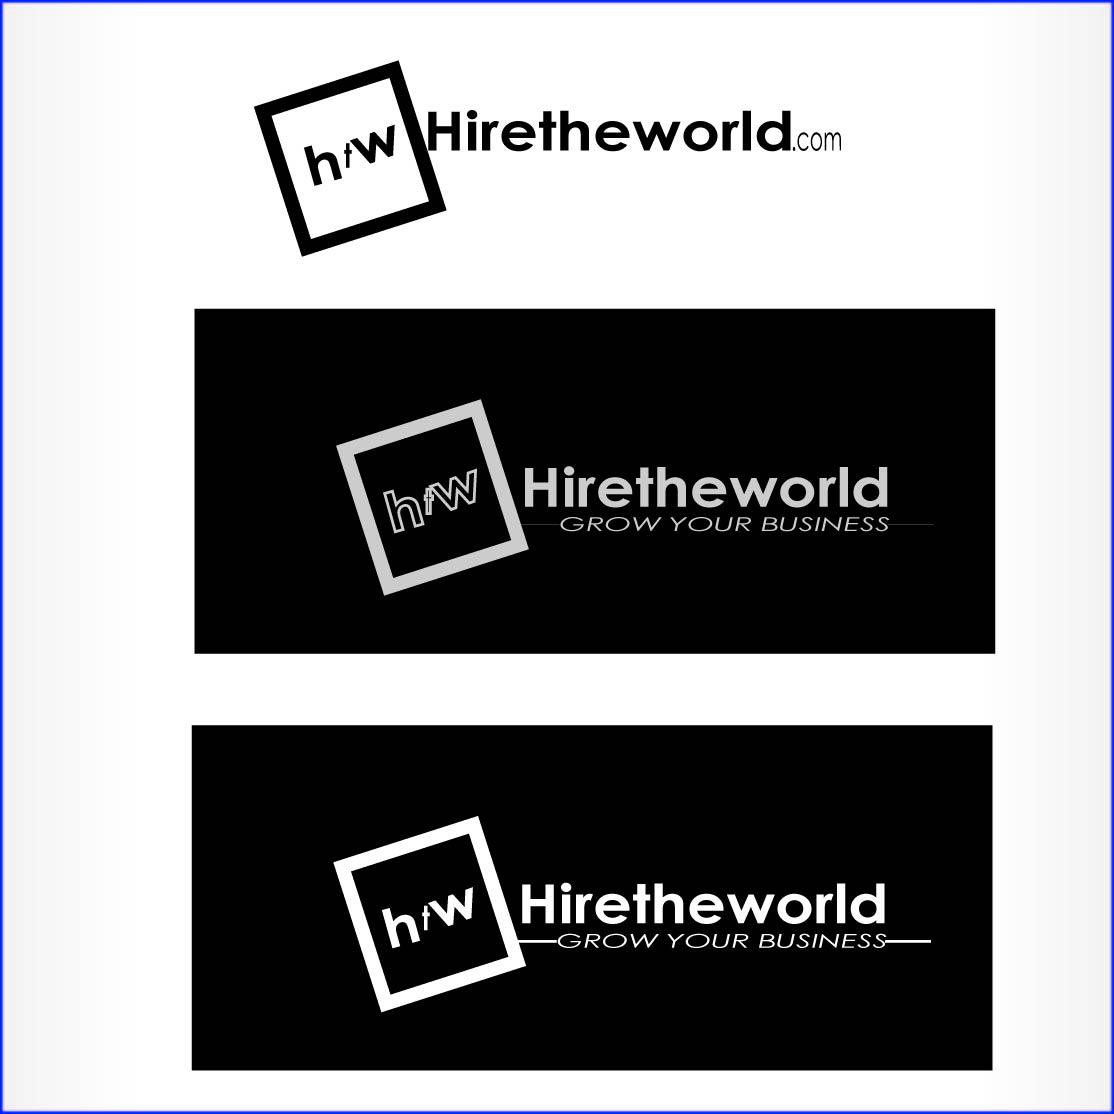 Logo Design by Saunter - Entry No. 235 in the Logo Design Contest Hiretheworld.com.